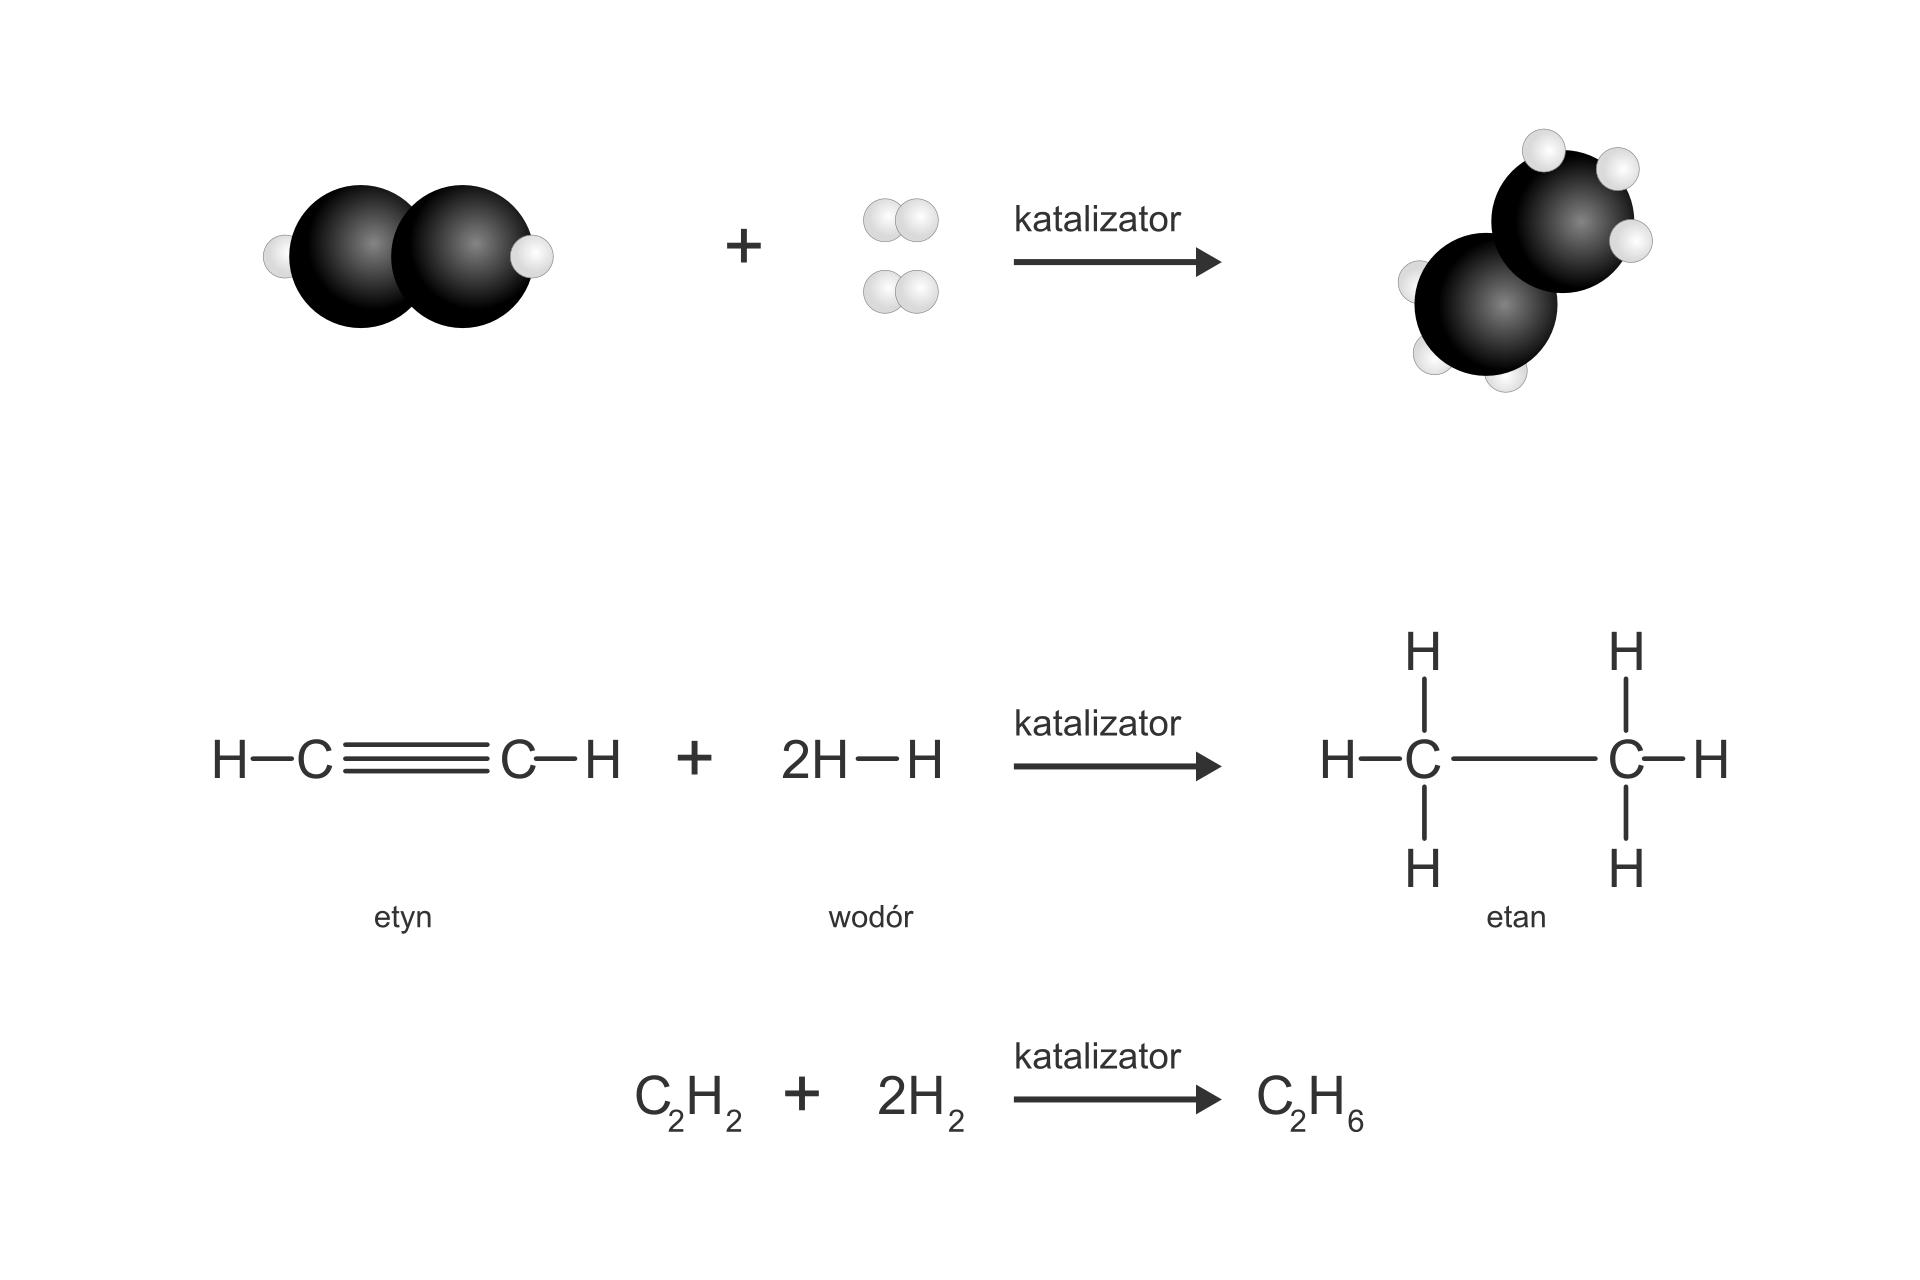 Na rysunku przedstawiono wzory sumaryczne ipółstrukturalne reakcji etynu zwodorem wwyniku czego otrzymujemy etan.